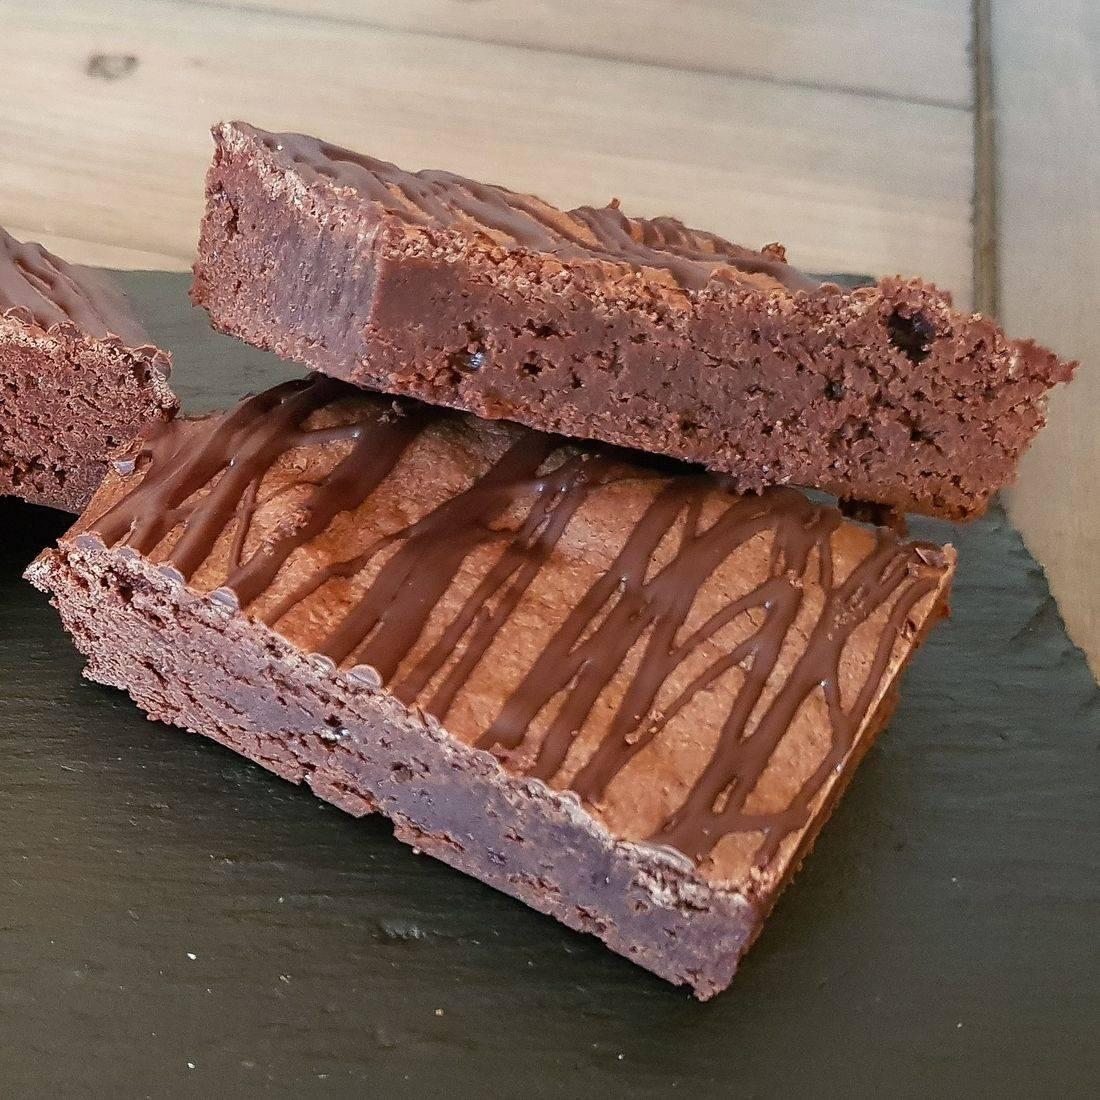 gluten free brownies by post, gluten free brownies